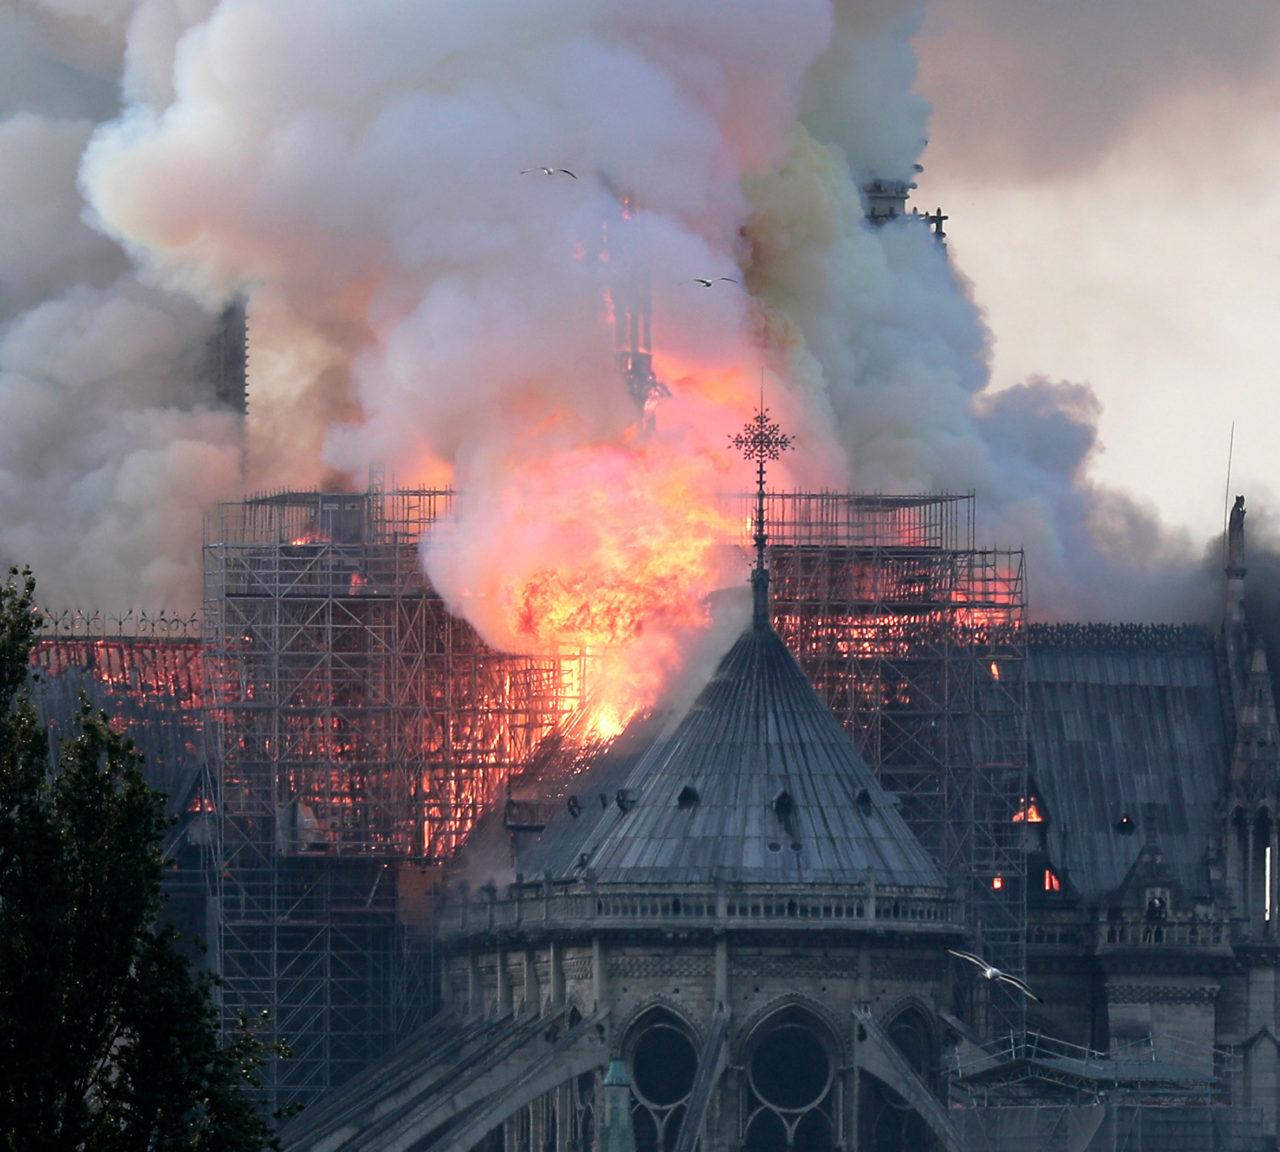 Katolik dünyasının sembol binası Notre Dame, Victor Hugo'nun ünlü eserine de ilham vermiş bir sanat ve tarih abidesiydi.